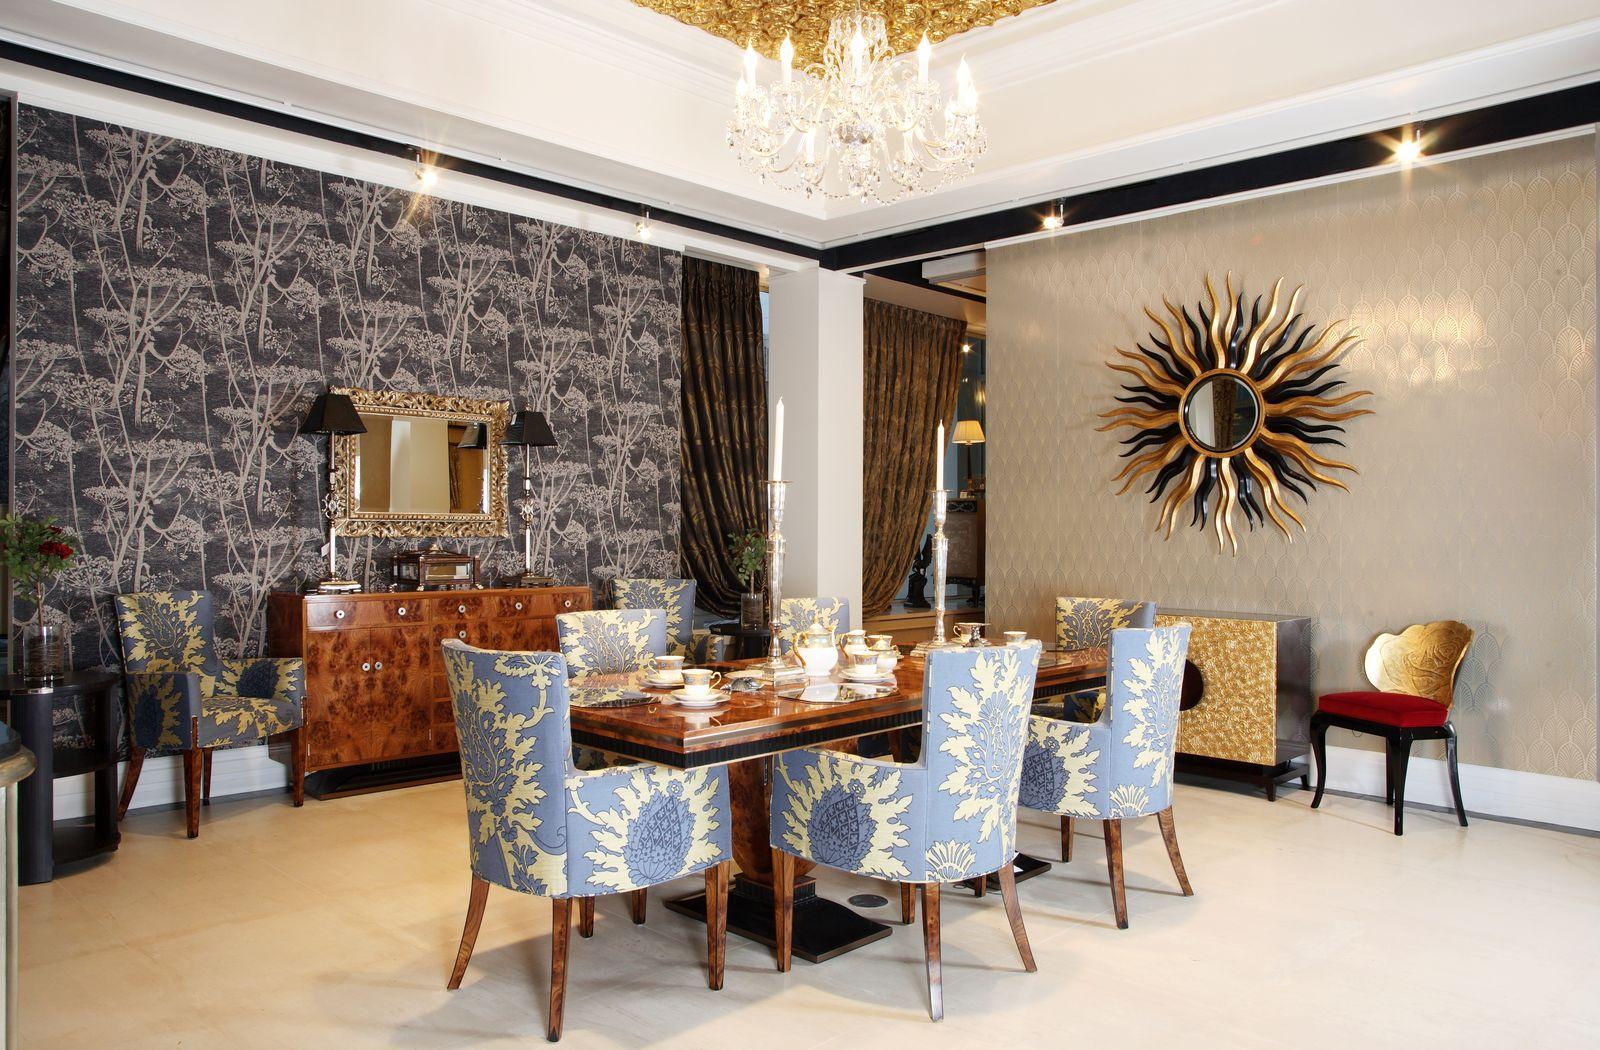 skaists art deco koridora dizains